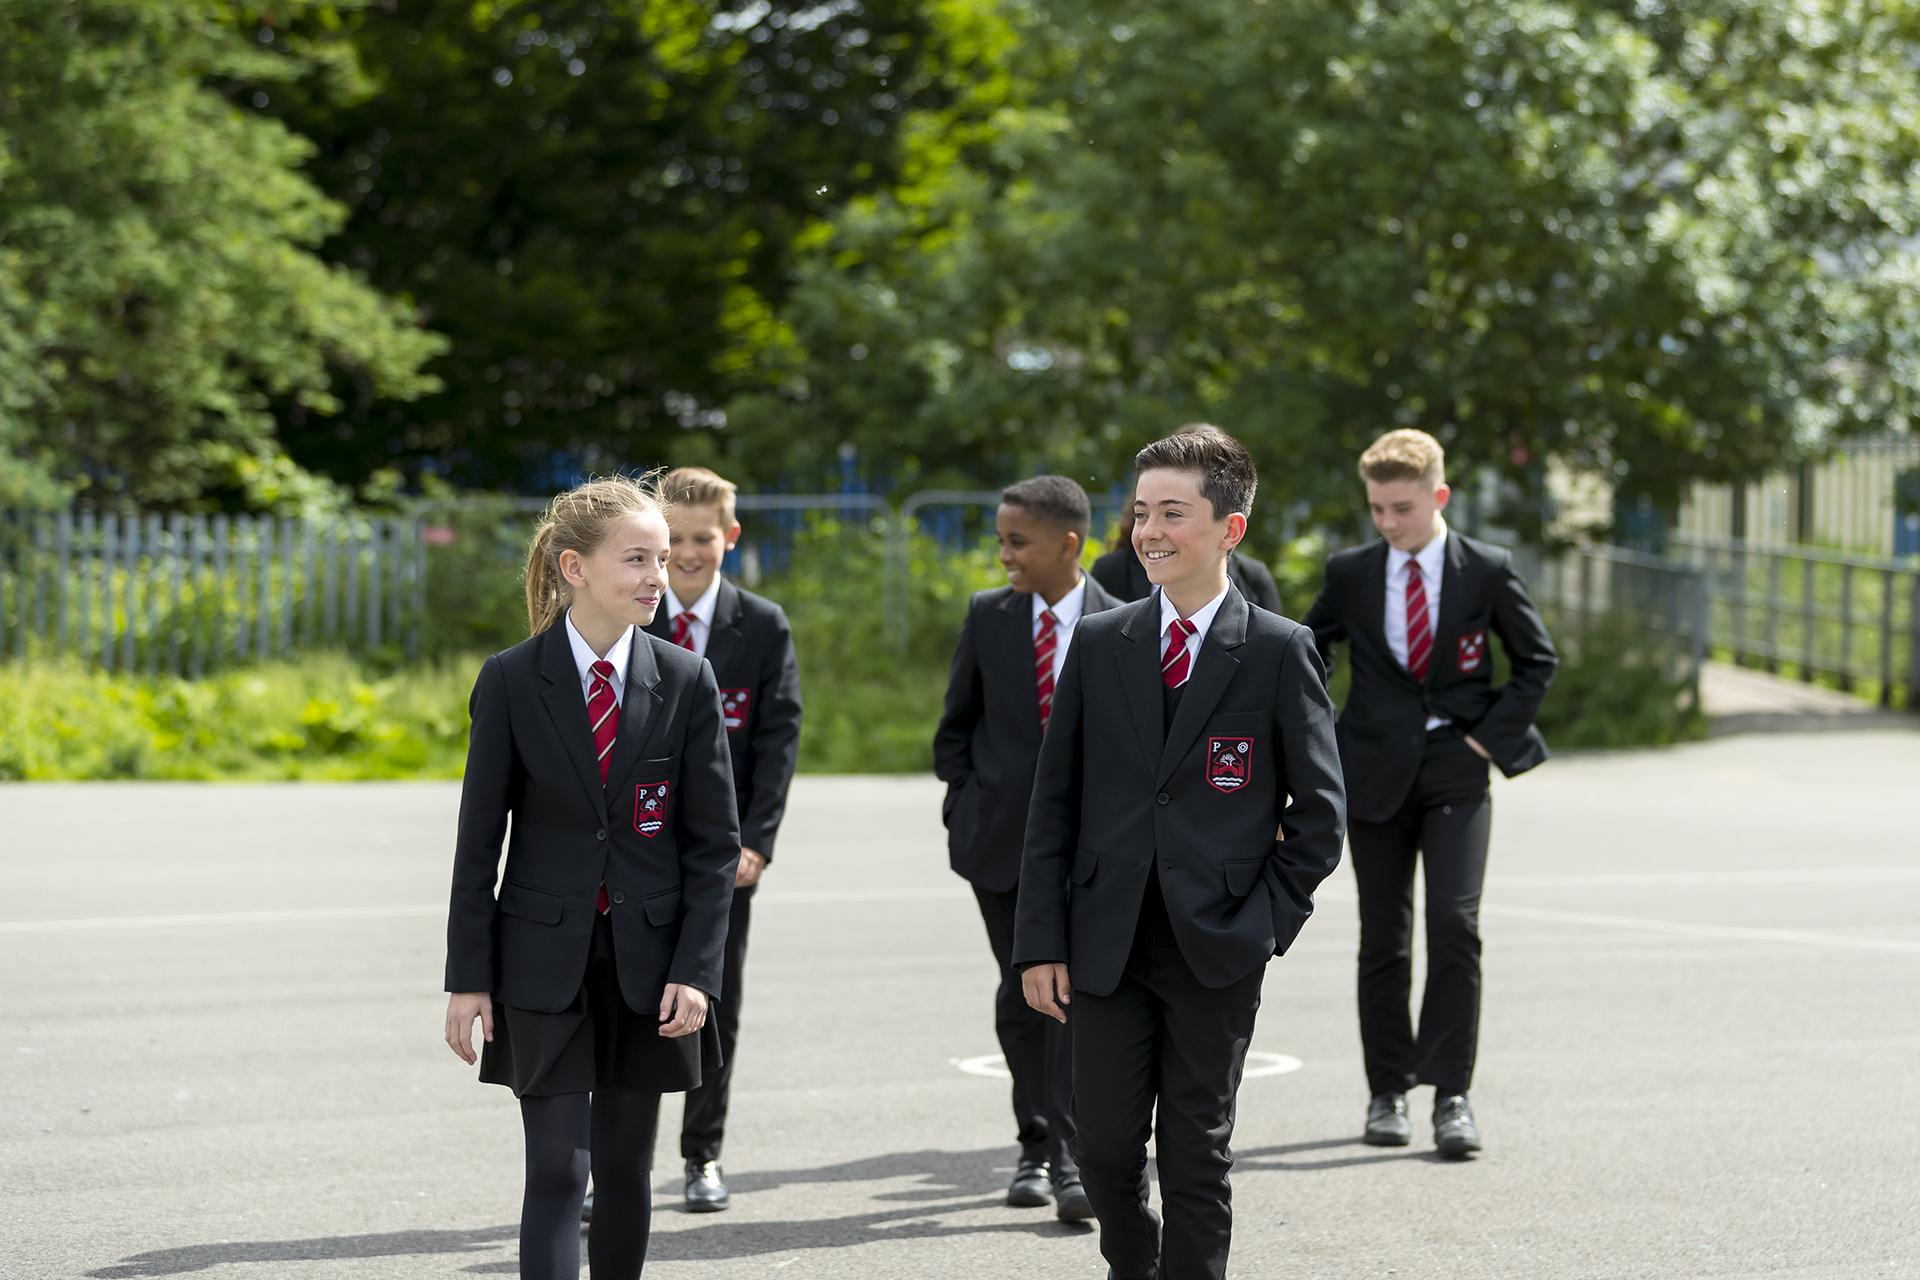 School uniform grant applications